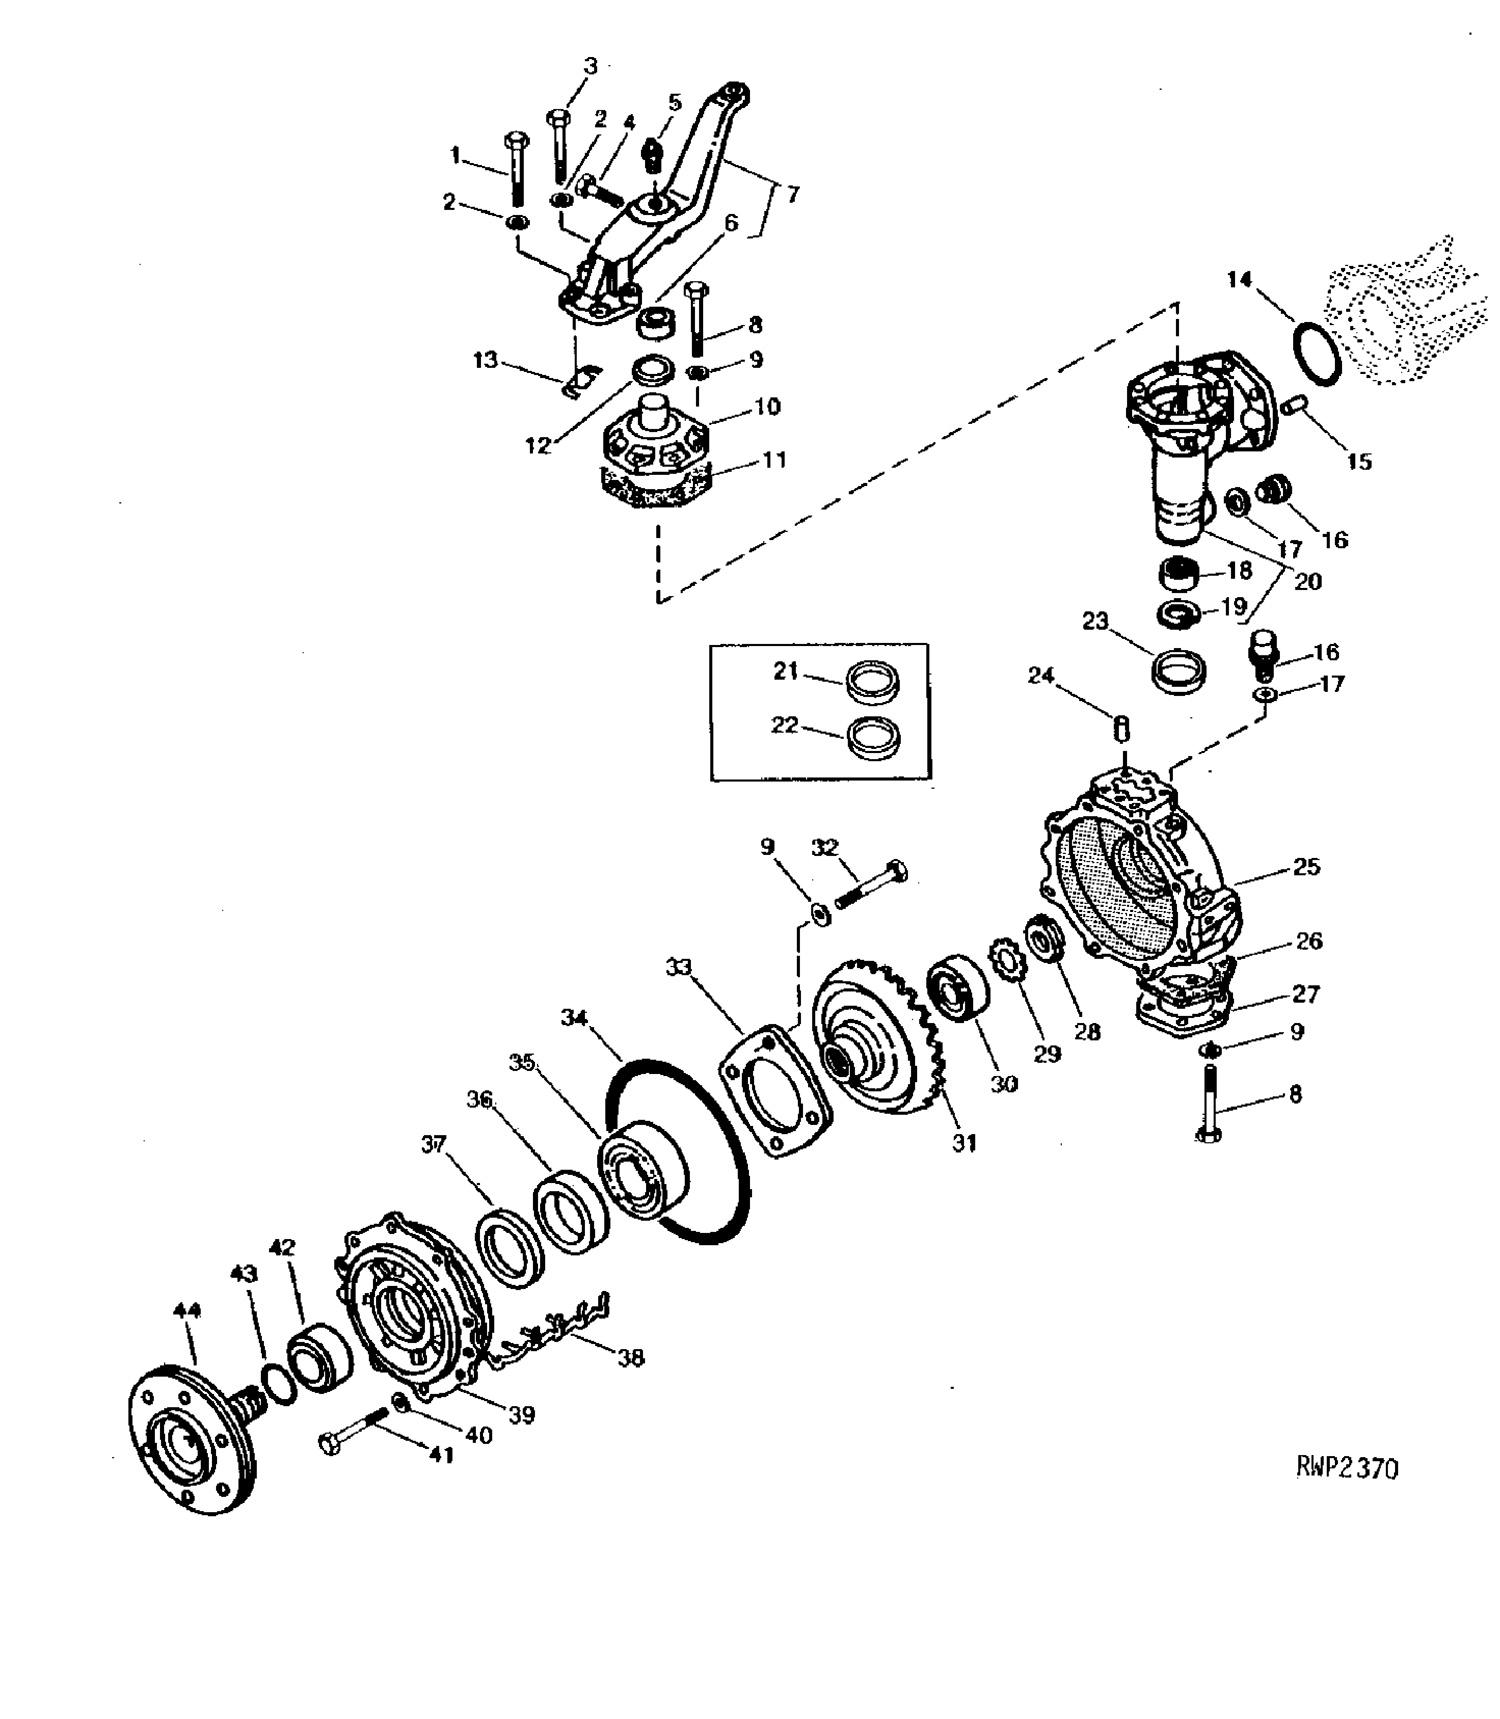 Front Axle Seals & Bearings for John Deere Compact Tractors